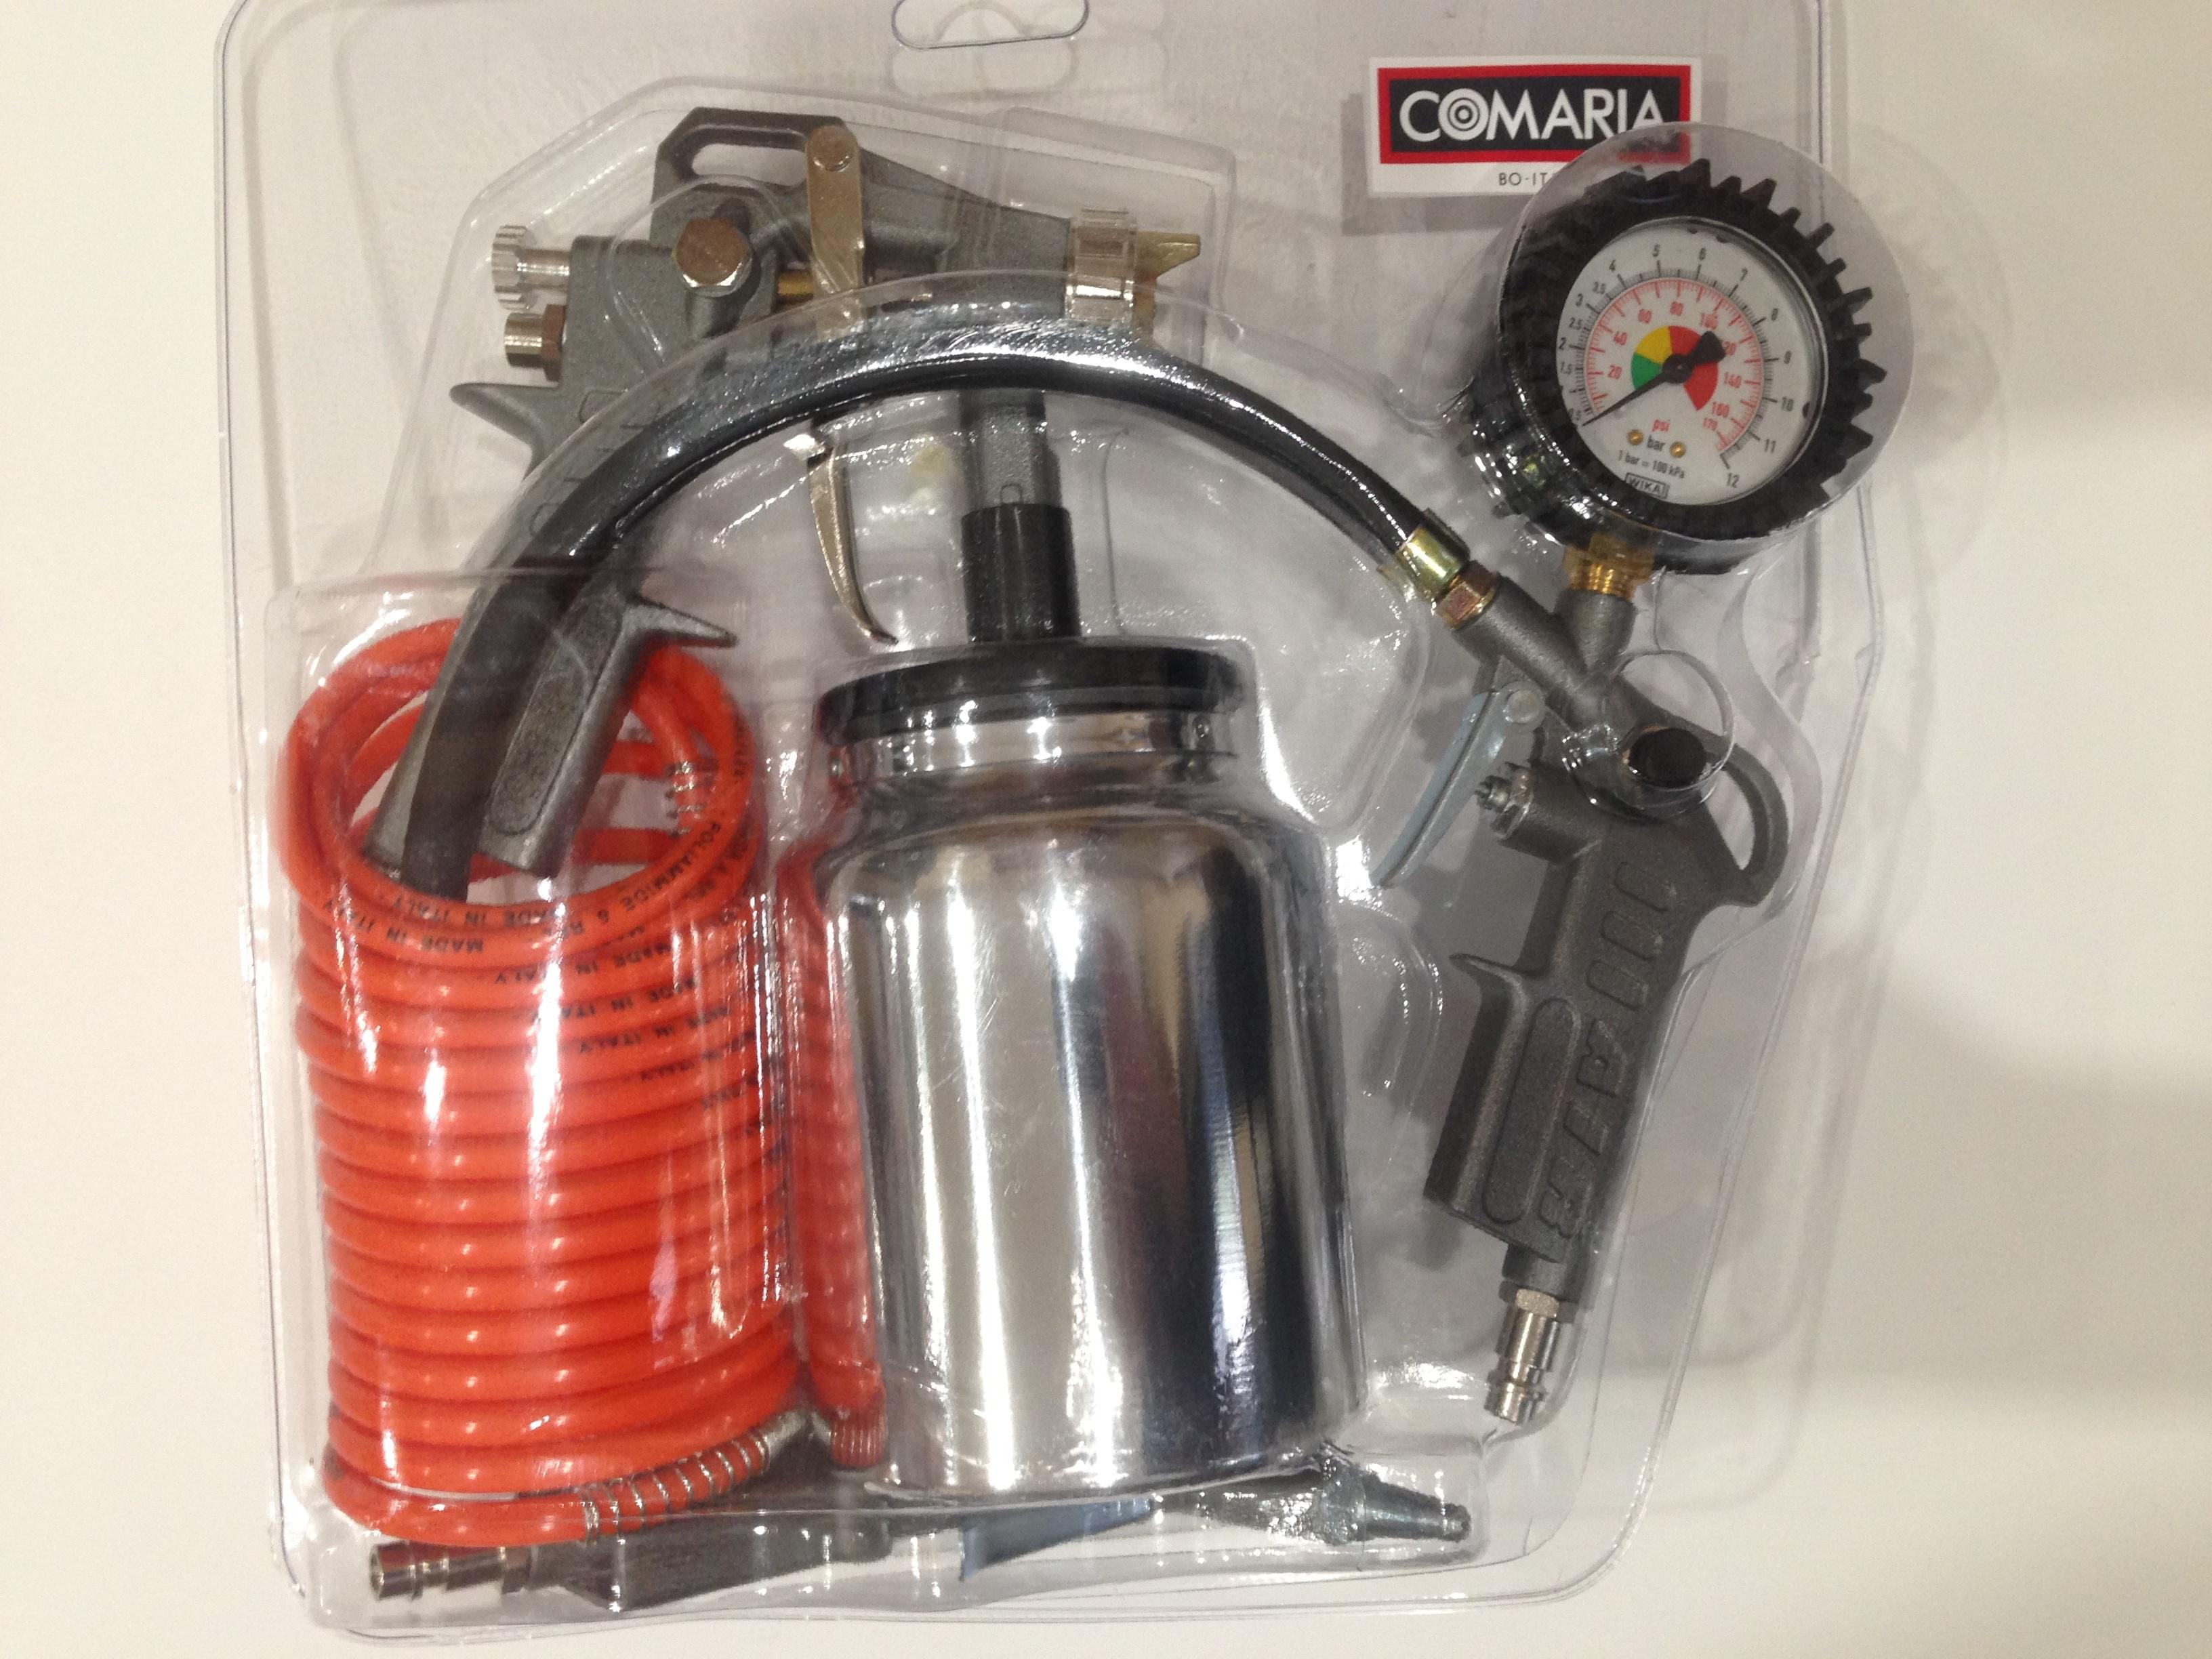 Набор для компрессора FINI Comaria 4 предмета fini cop fini cop скатерть duck цвет красный 150х210 см